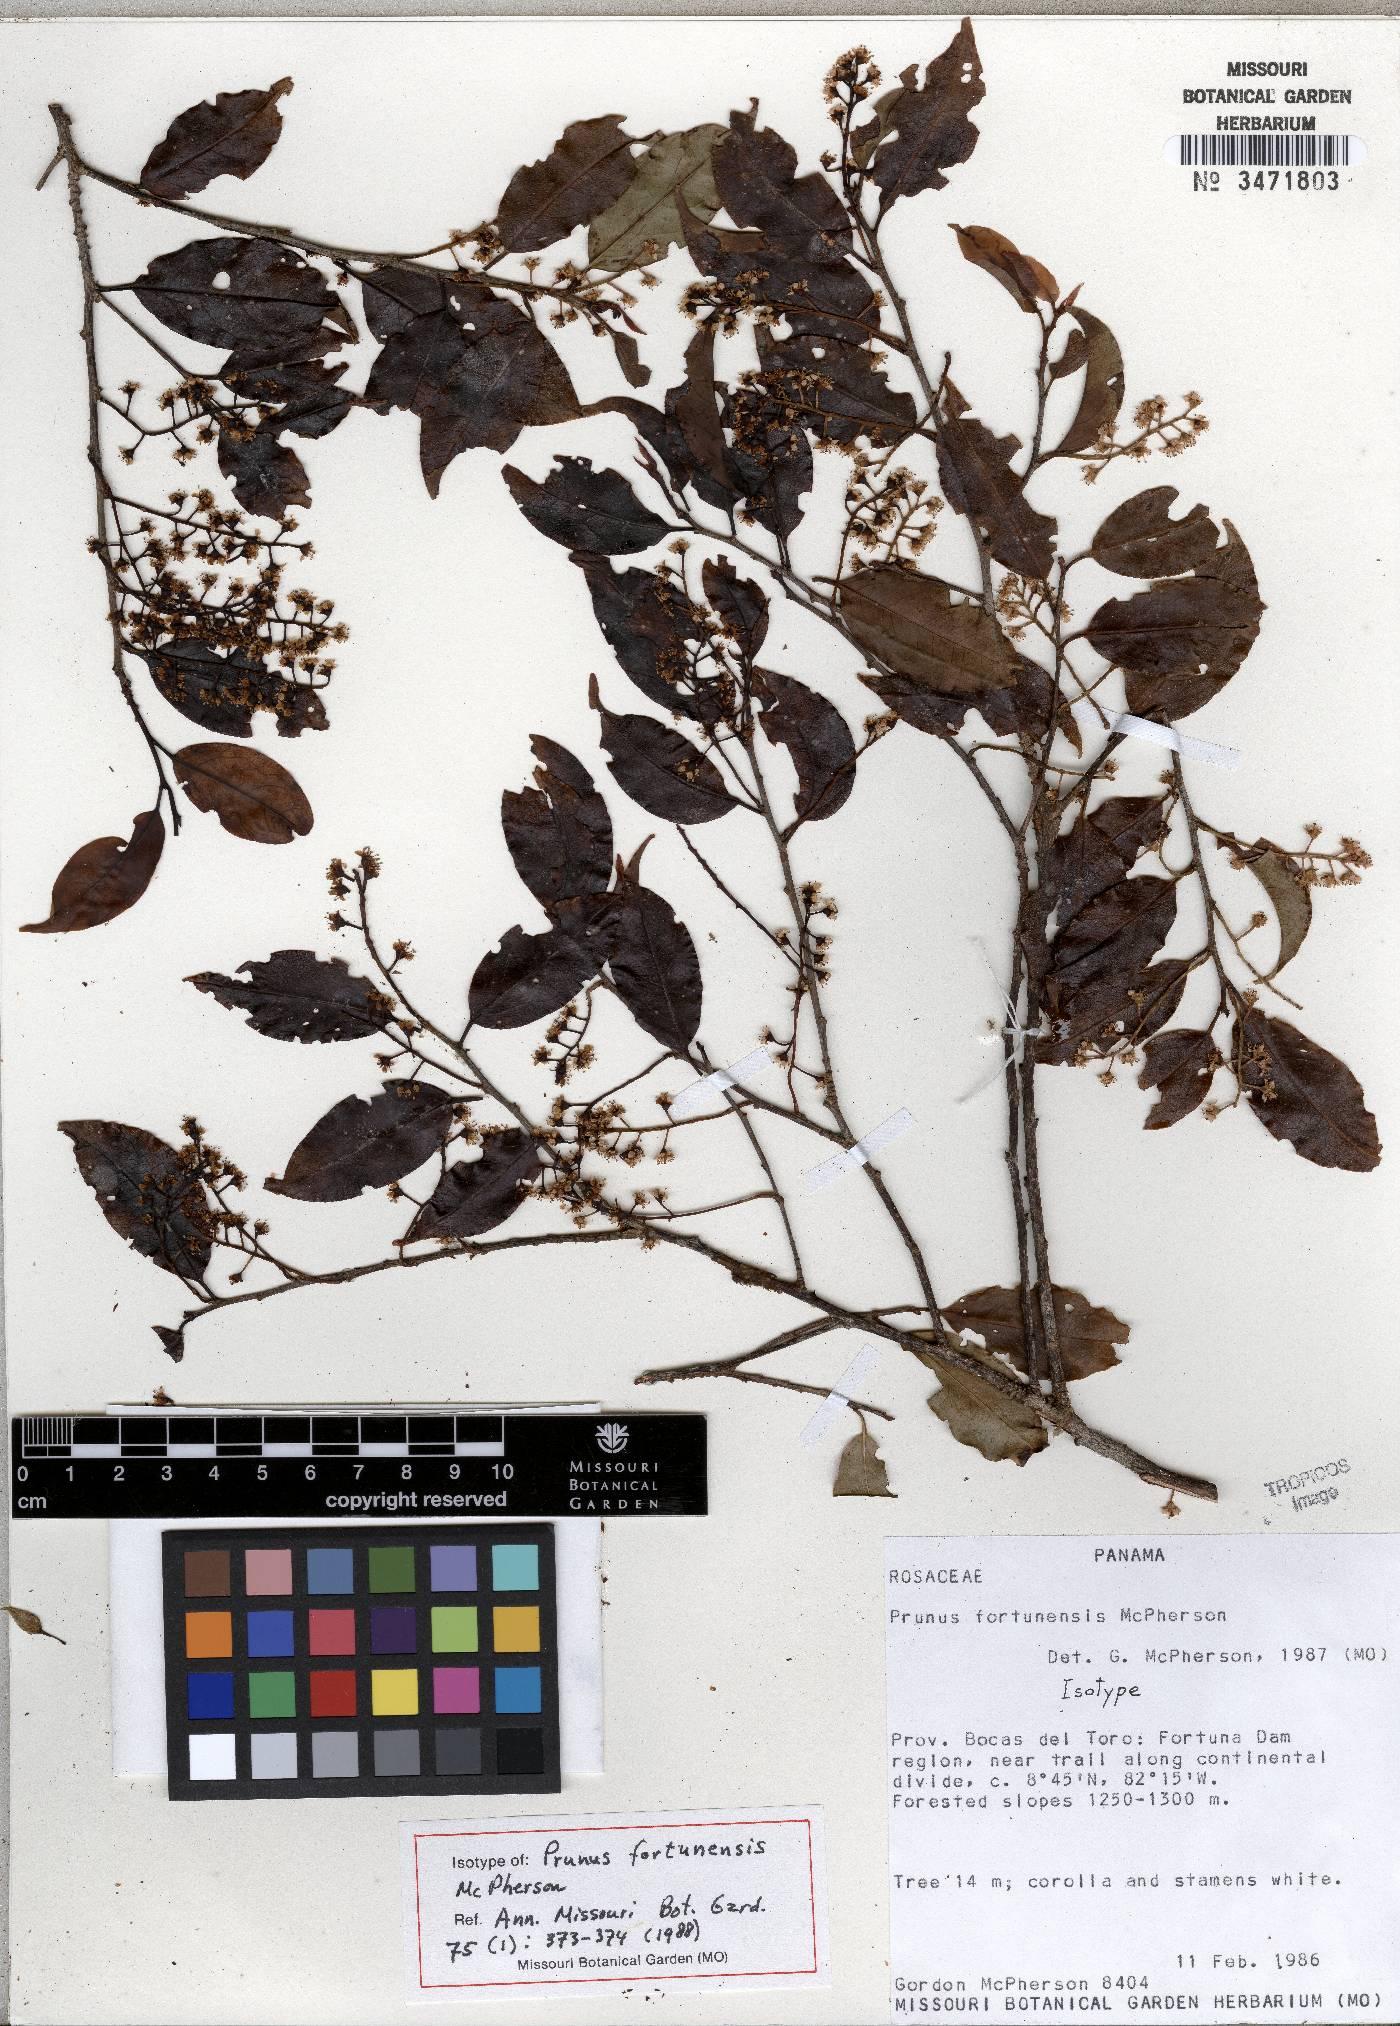 Prunus fortunensis image